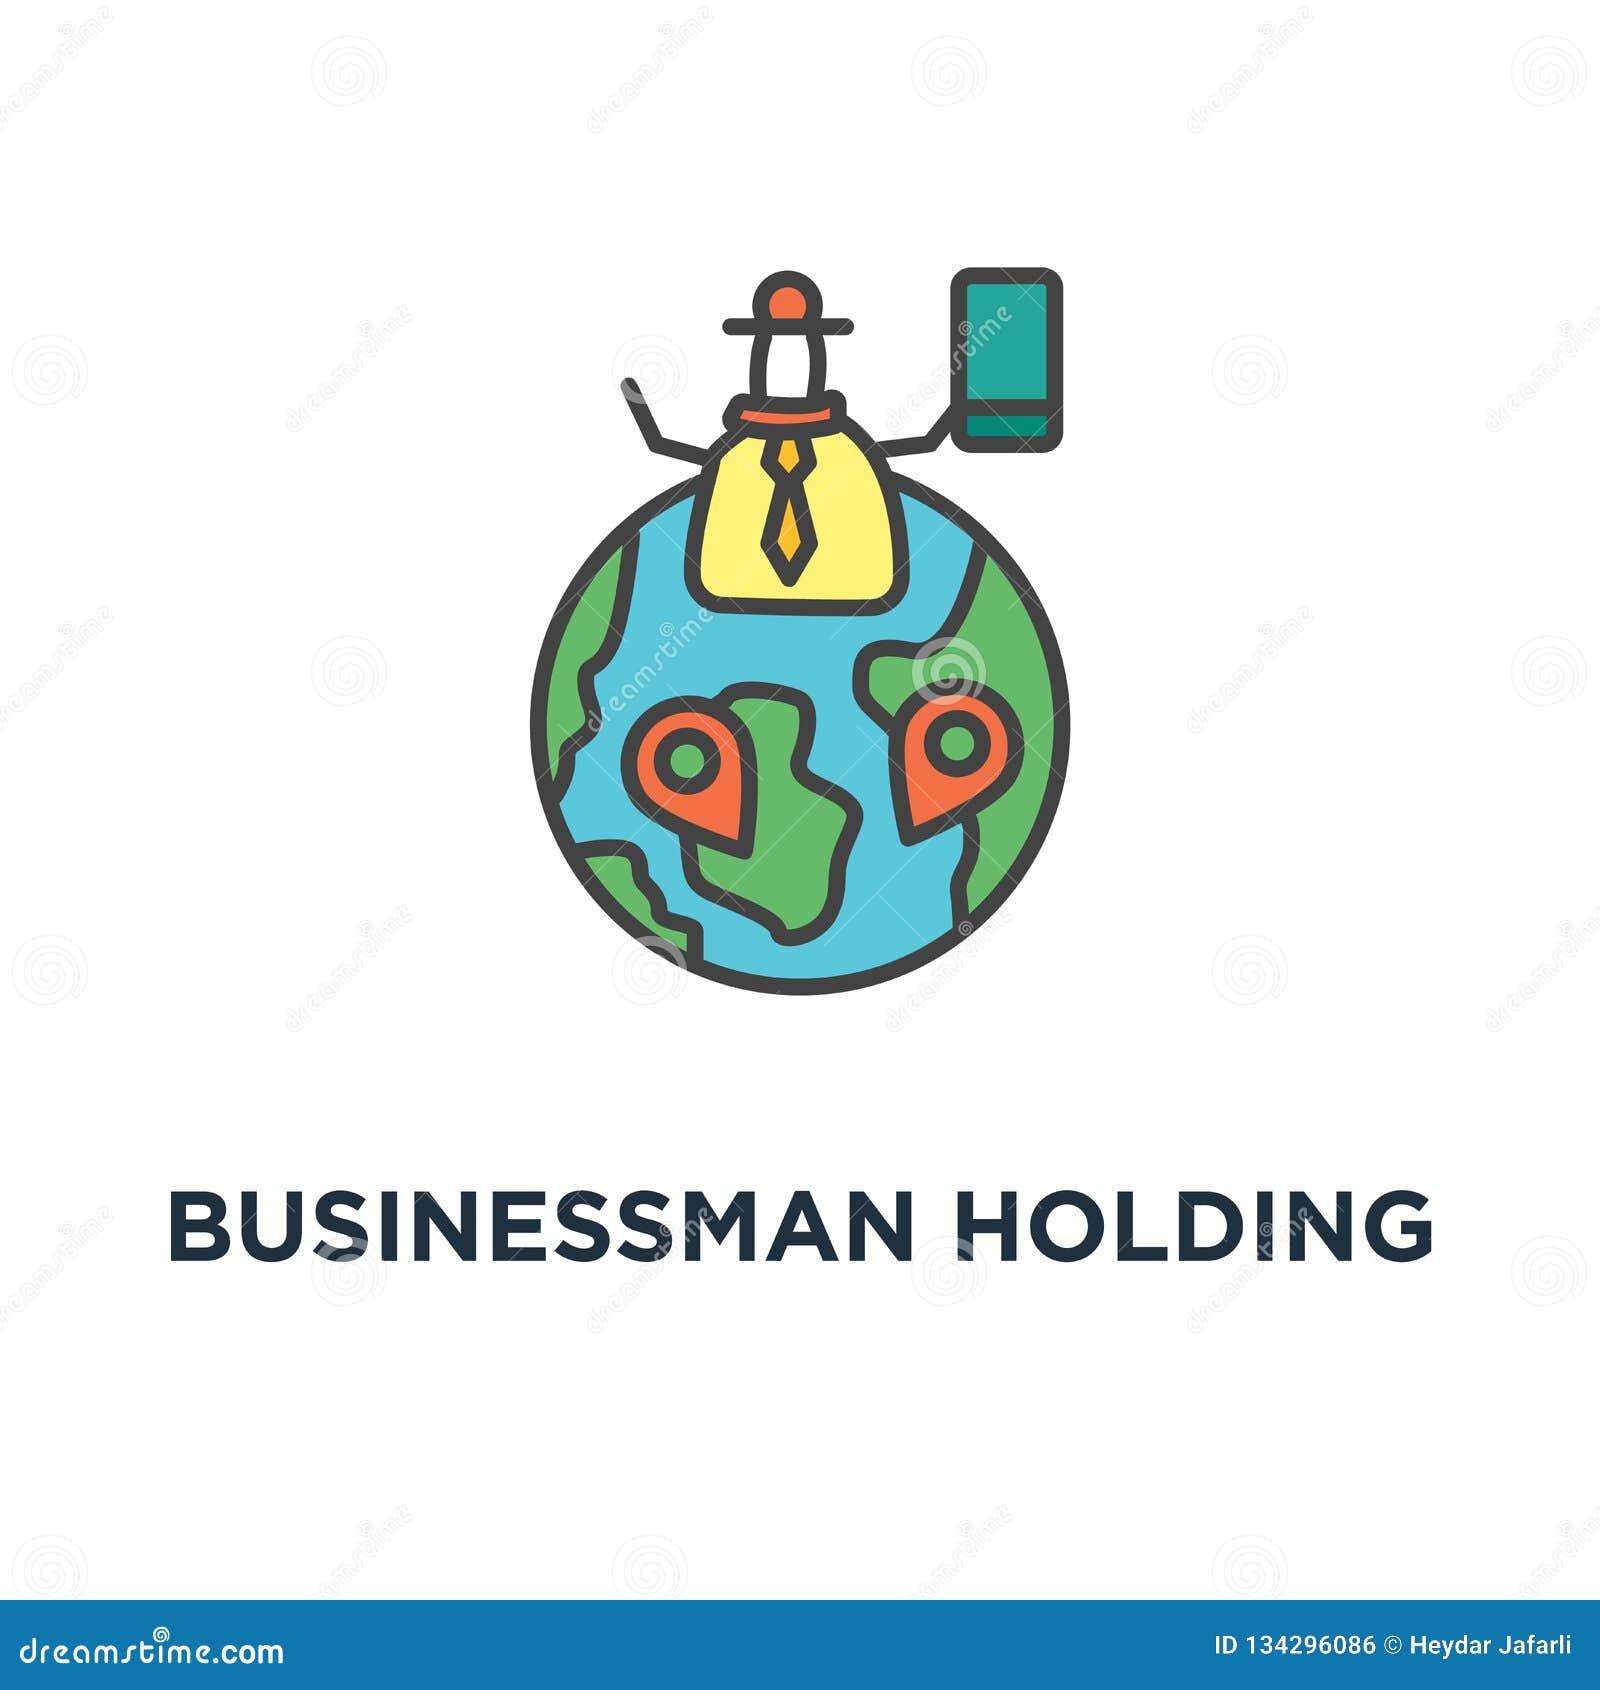 拿着与成功象的校验标志、成就的事务,标志和挑战,概述,概念的商人绿色旗子